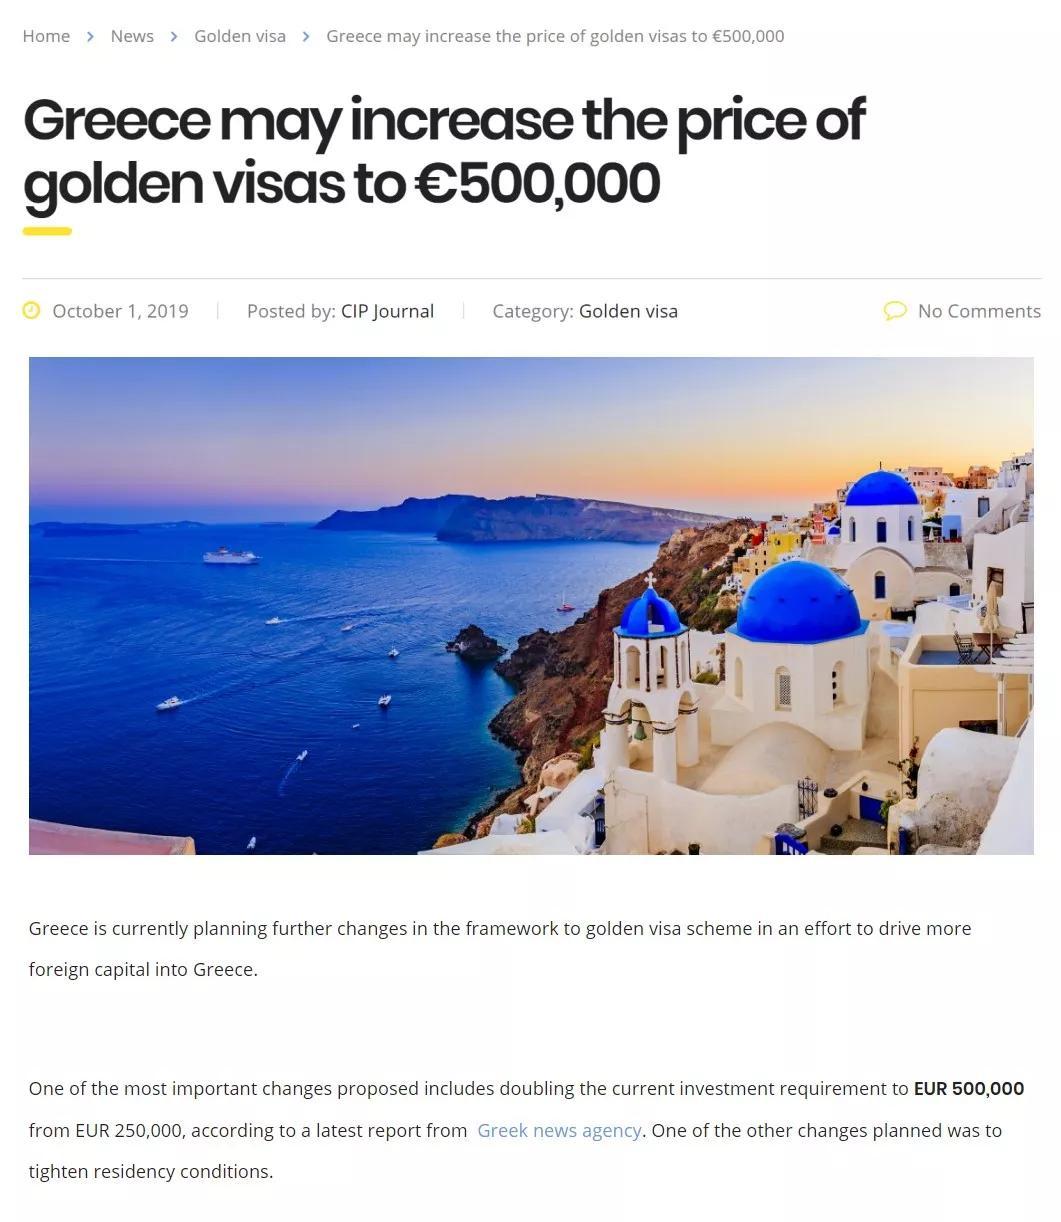 希腊新政尊府台,购房移平易近投资额直接翻倍?!想钱想疯了吧……_中欧消息_首页 - 欧洲中文网